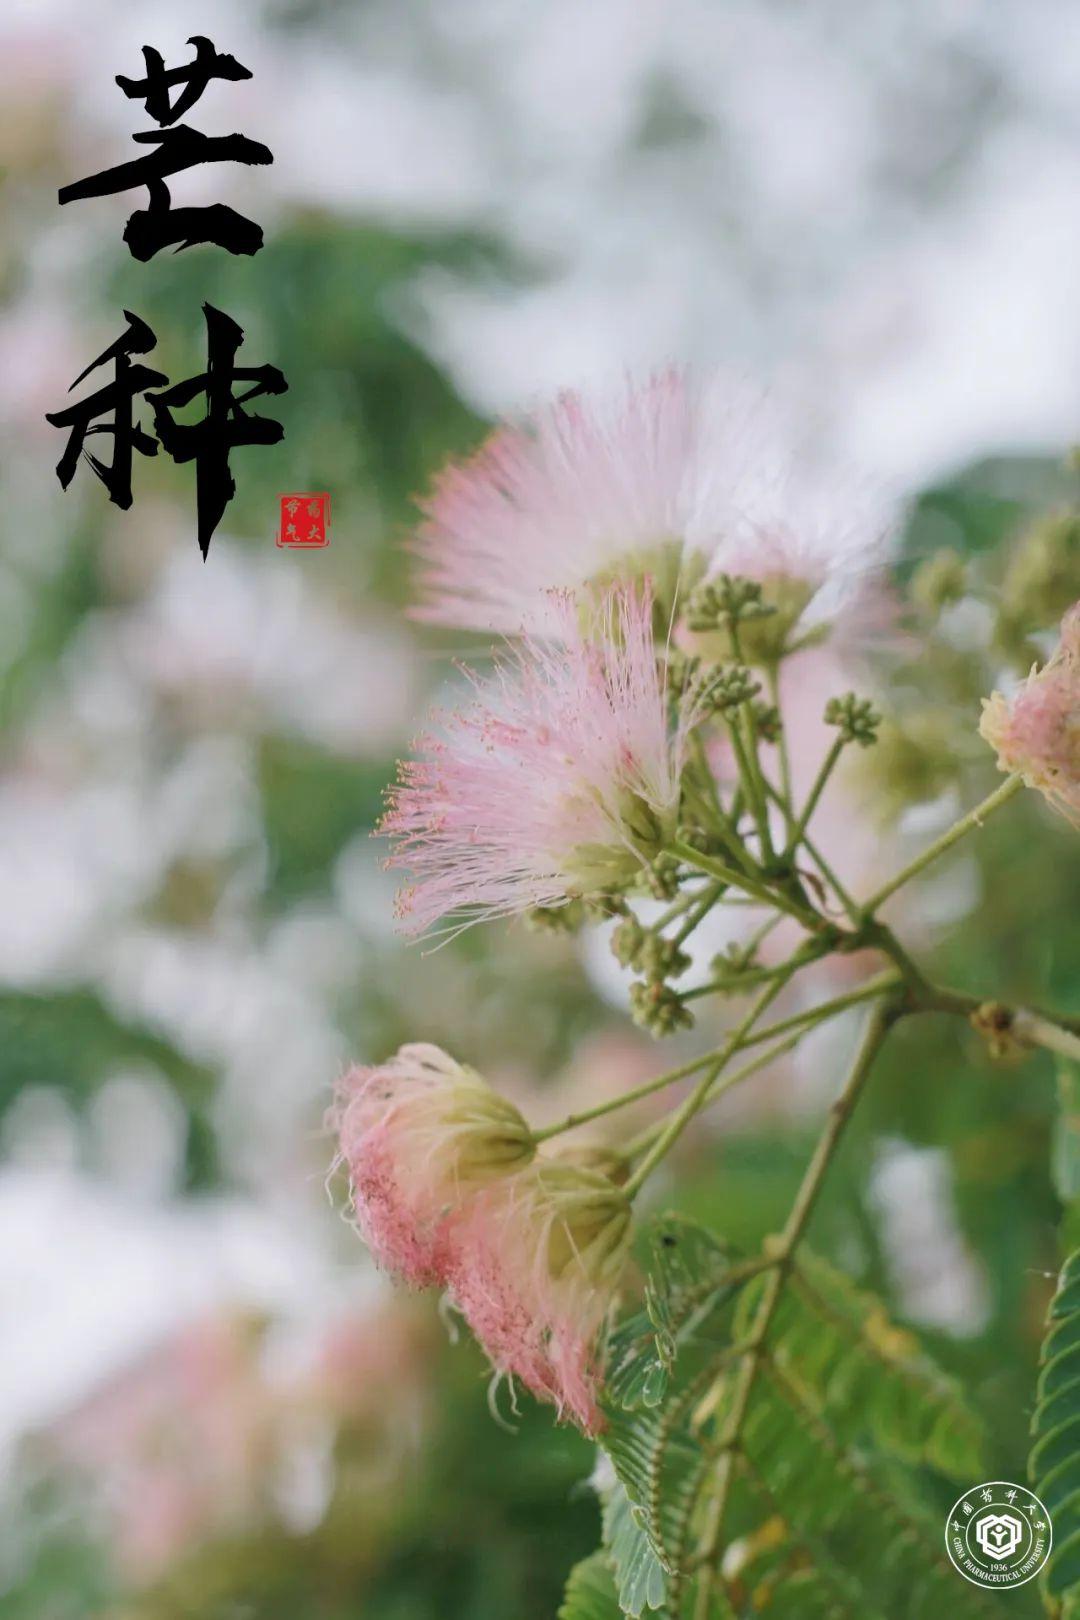 芒种已至夏木荫,暑气渐升合欢锦图片